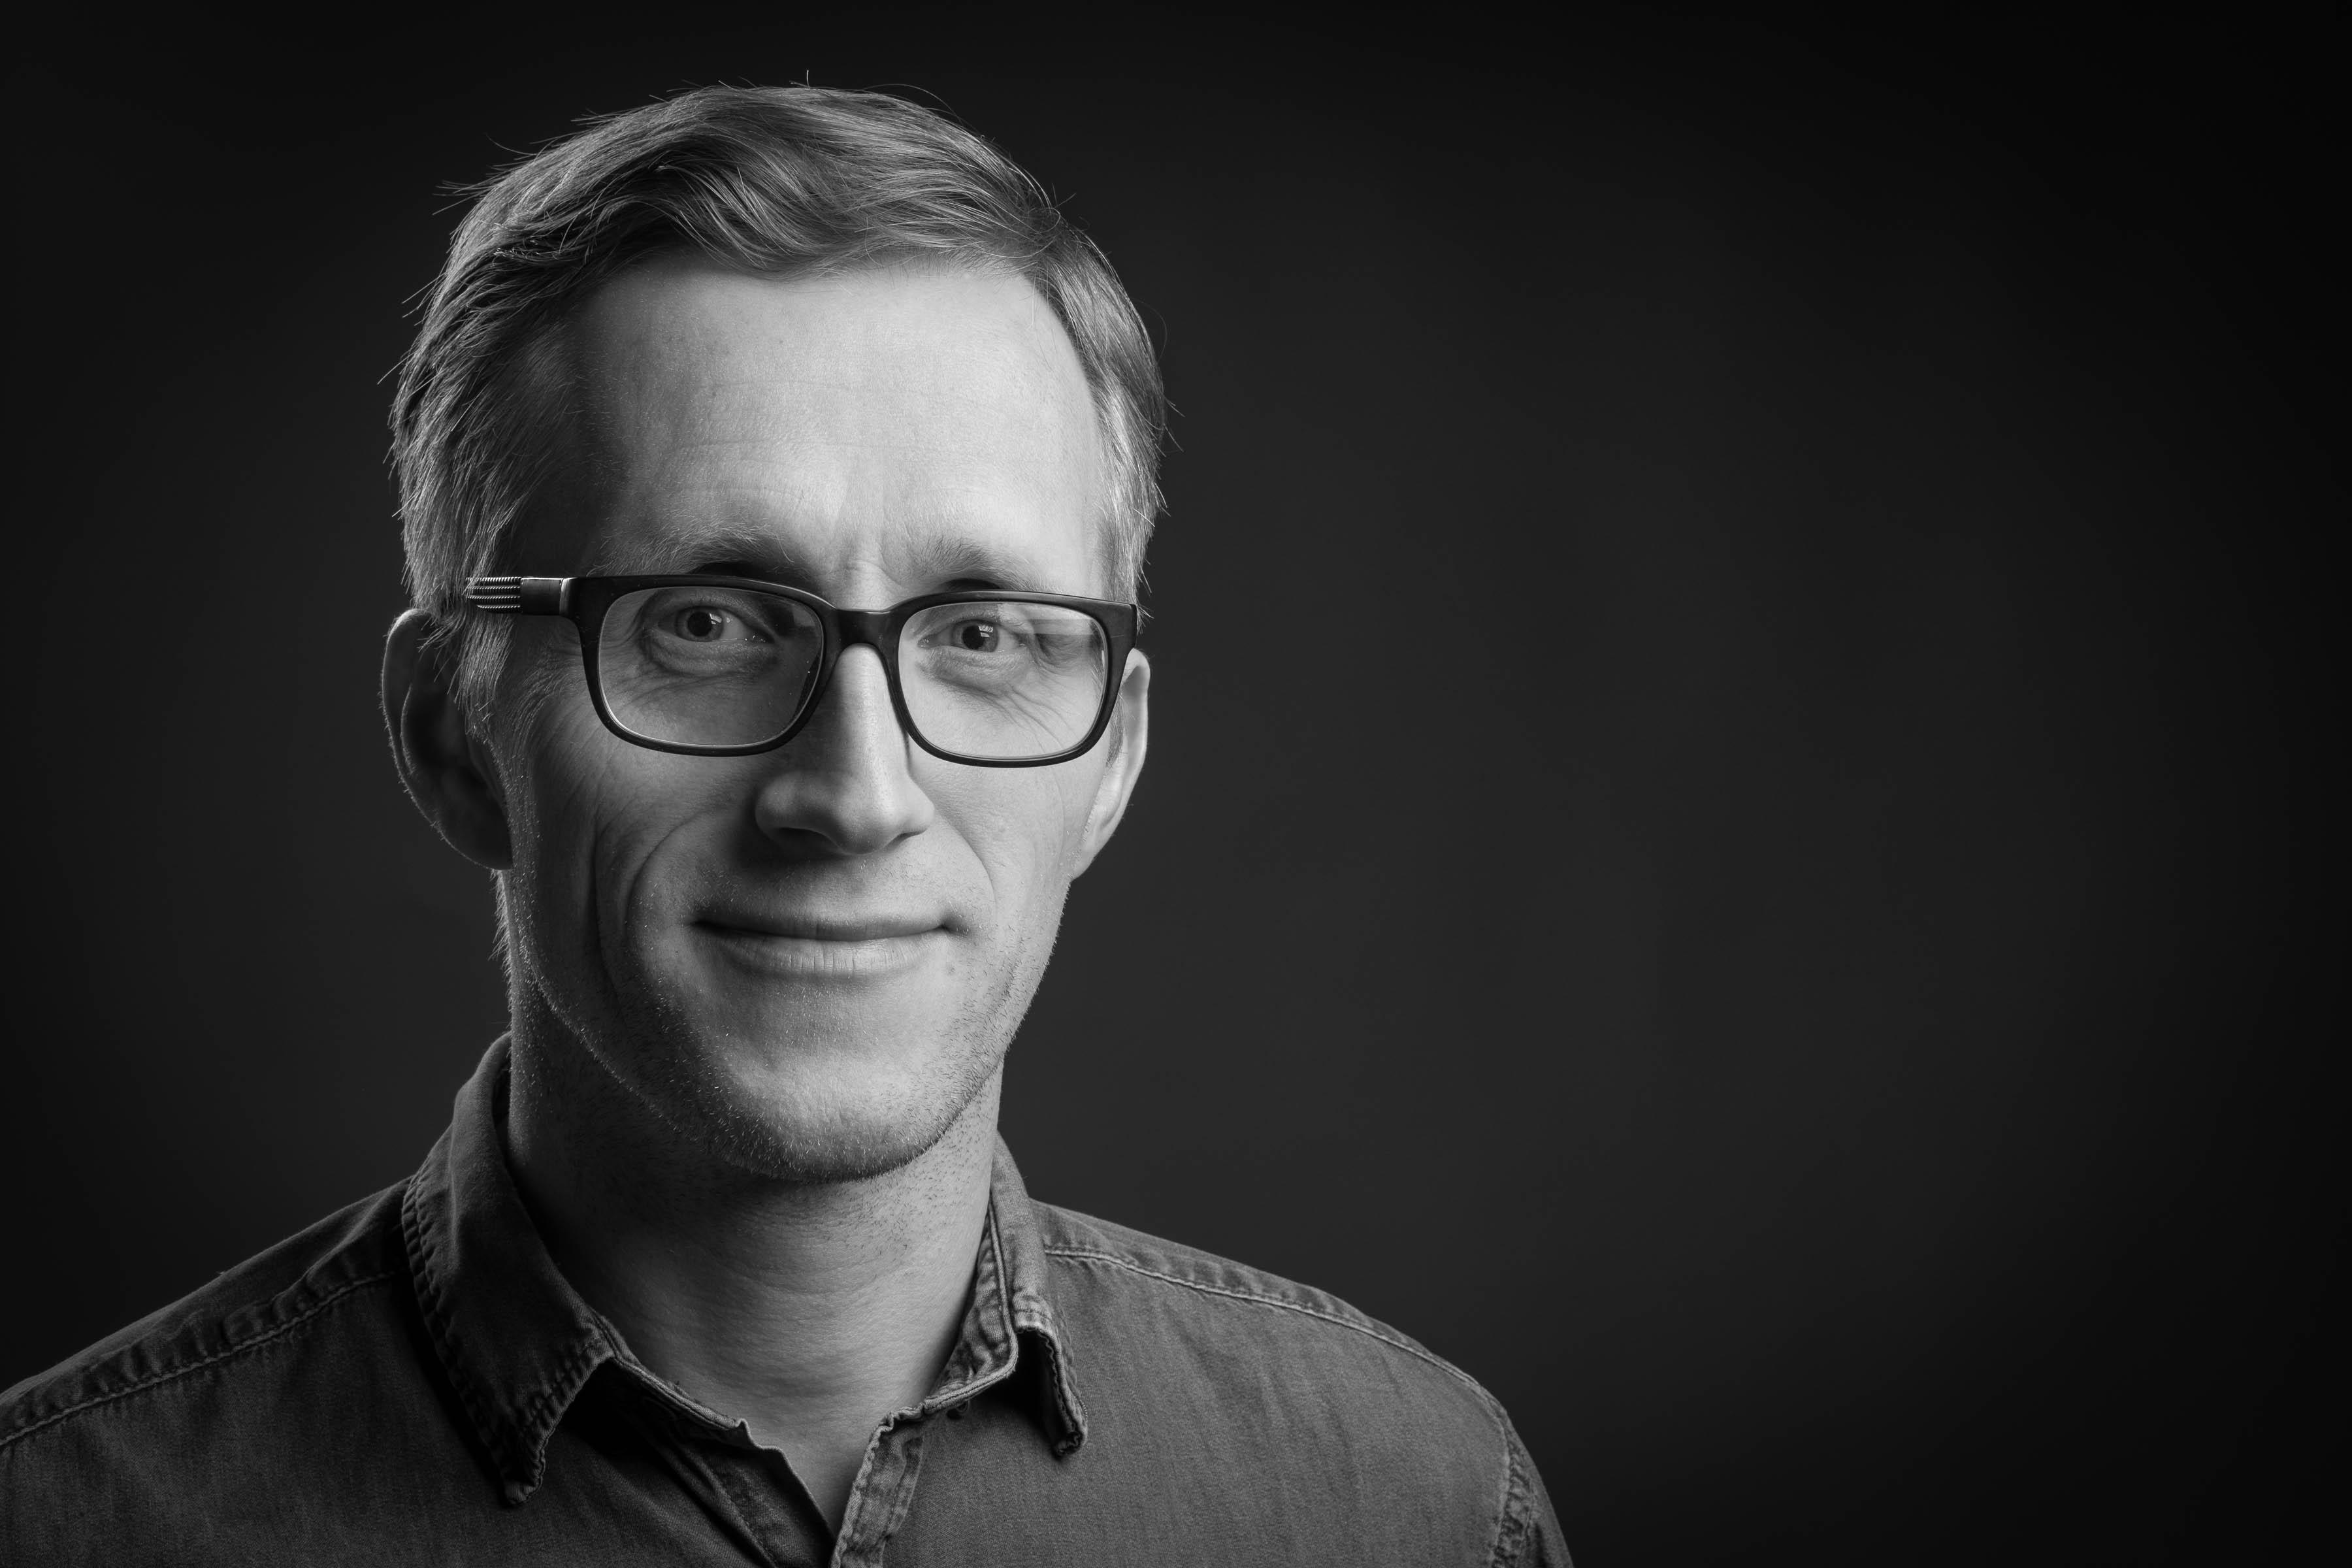 Kristján Hrafn Guðmundsson